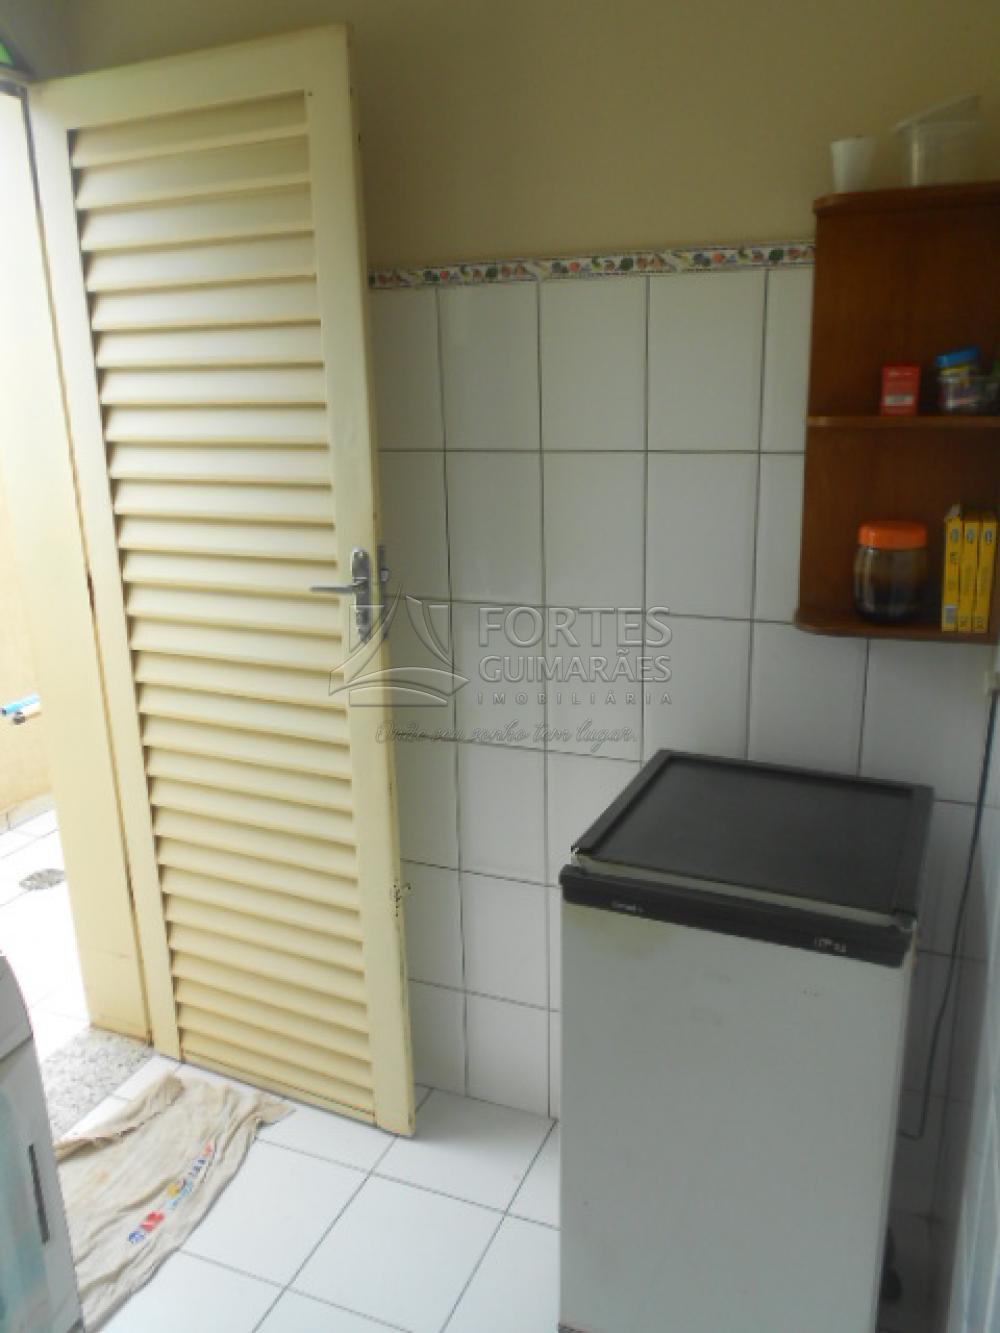 Alugar Comercial / Imóvel Comercial em Ribeirão Preto apenas R$ 3.000,00 - Foto 51